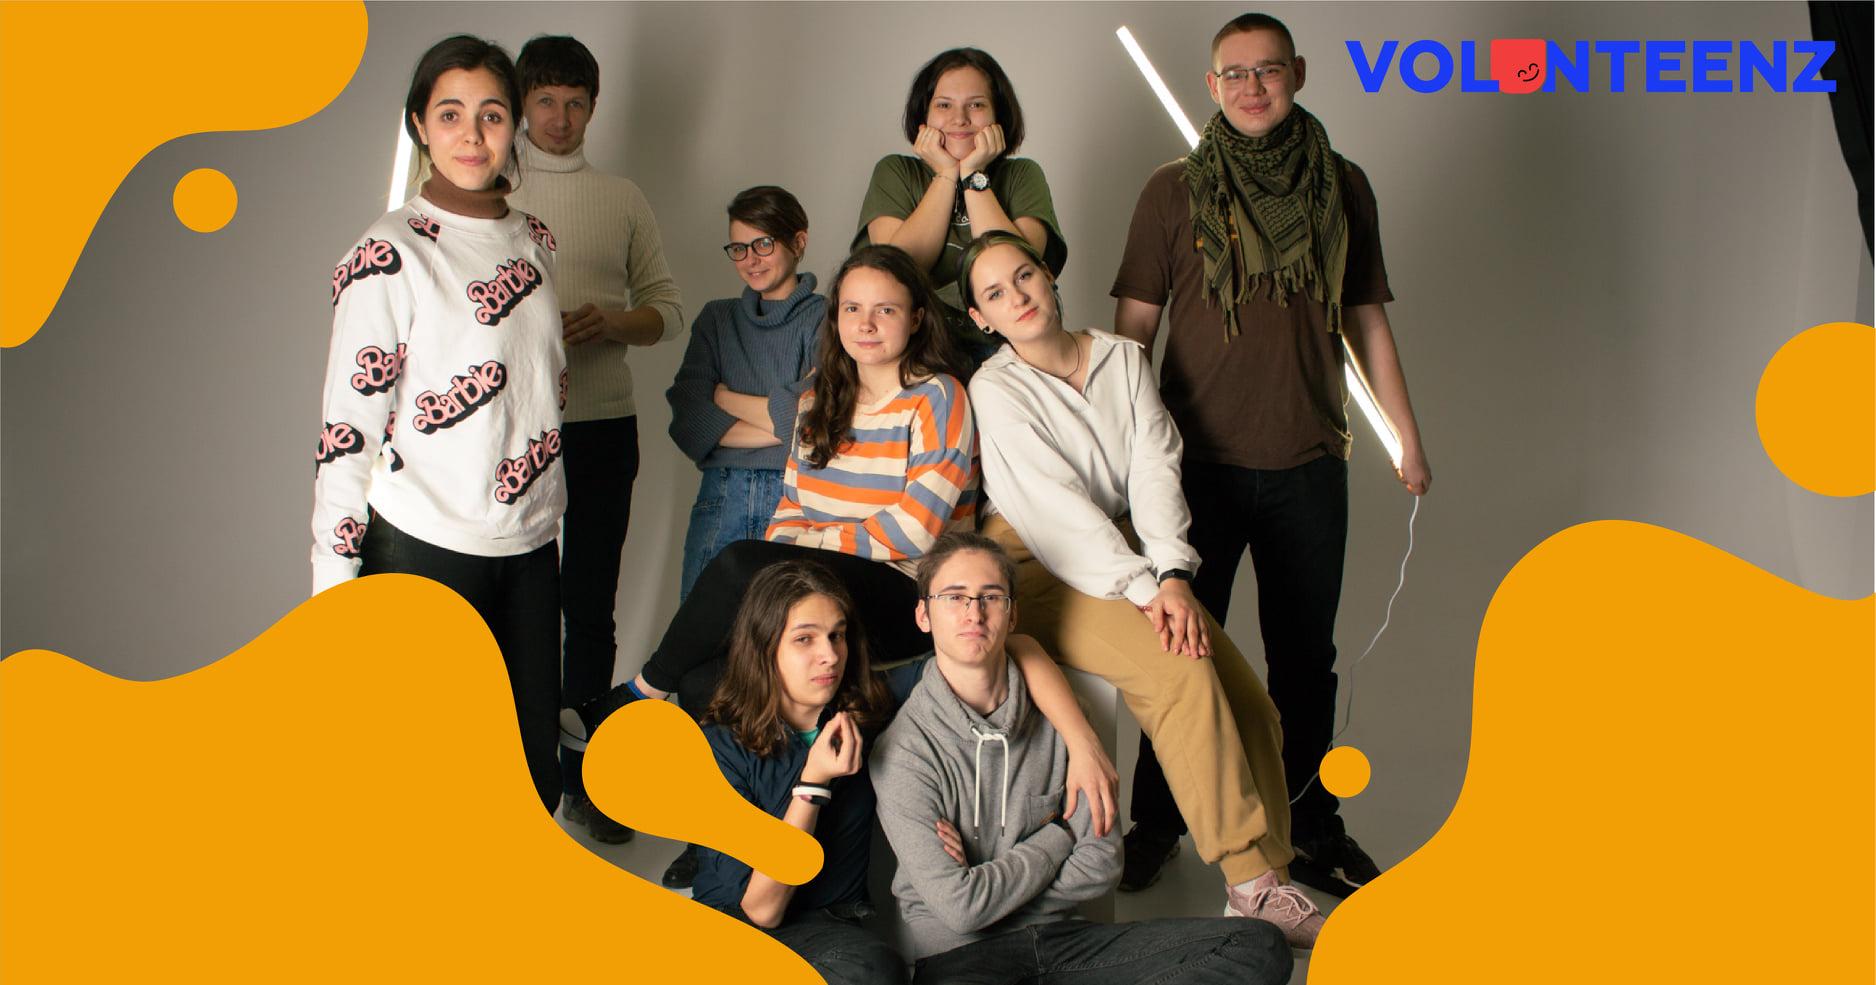 Підлітки Запоріжжя створили власний волонтерський рух – VolunTeenZ